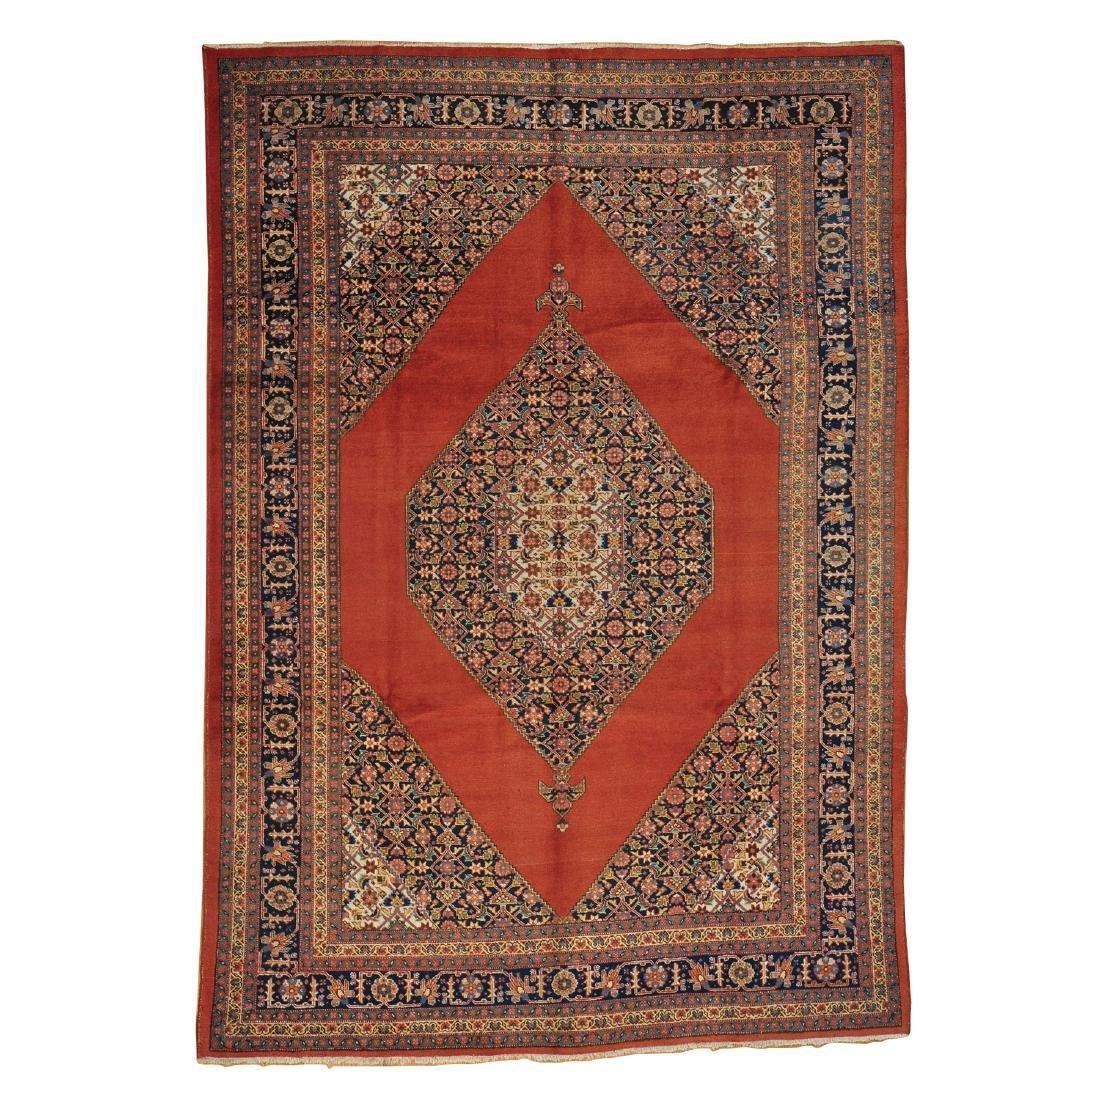 Antique Original Persian Tabriz Rug Handmade 7.3x10.3